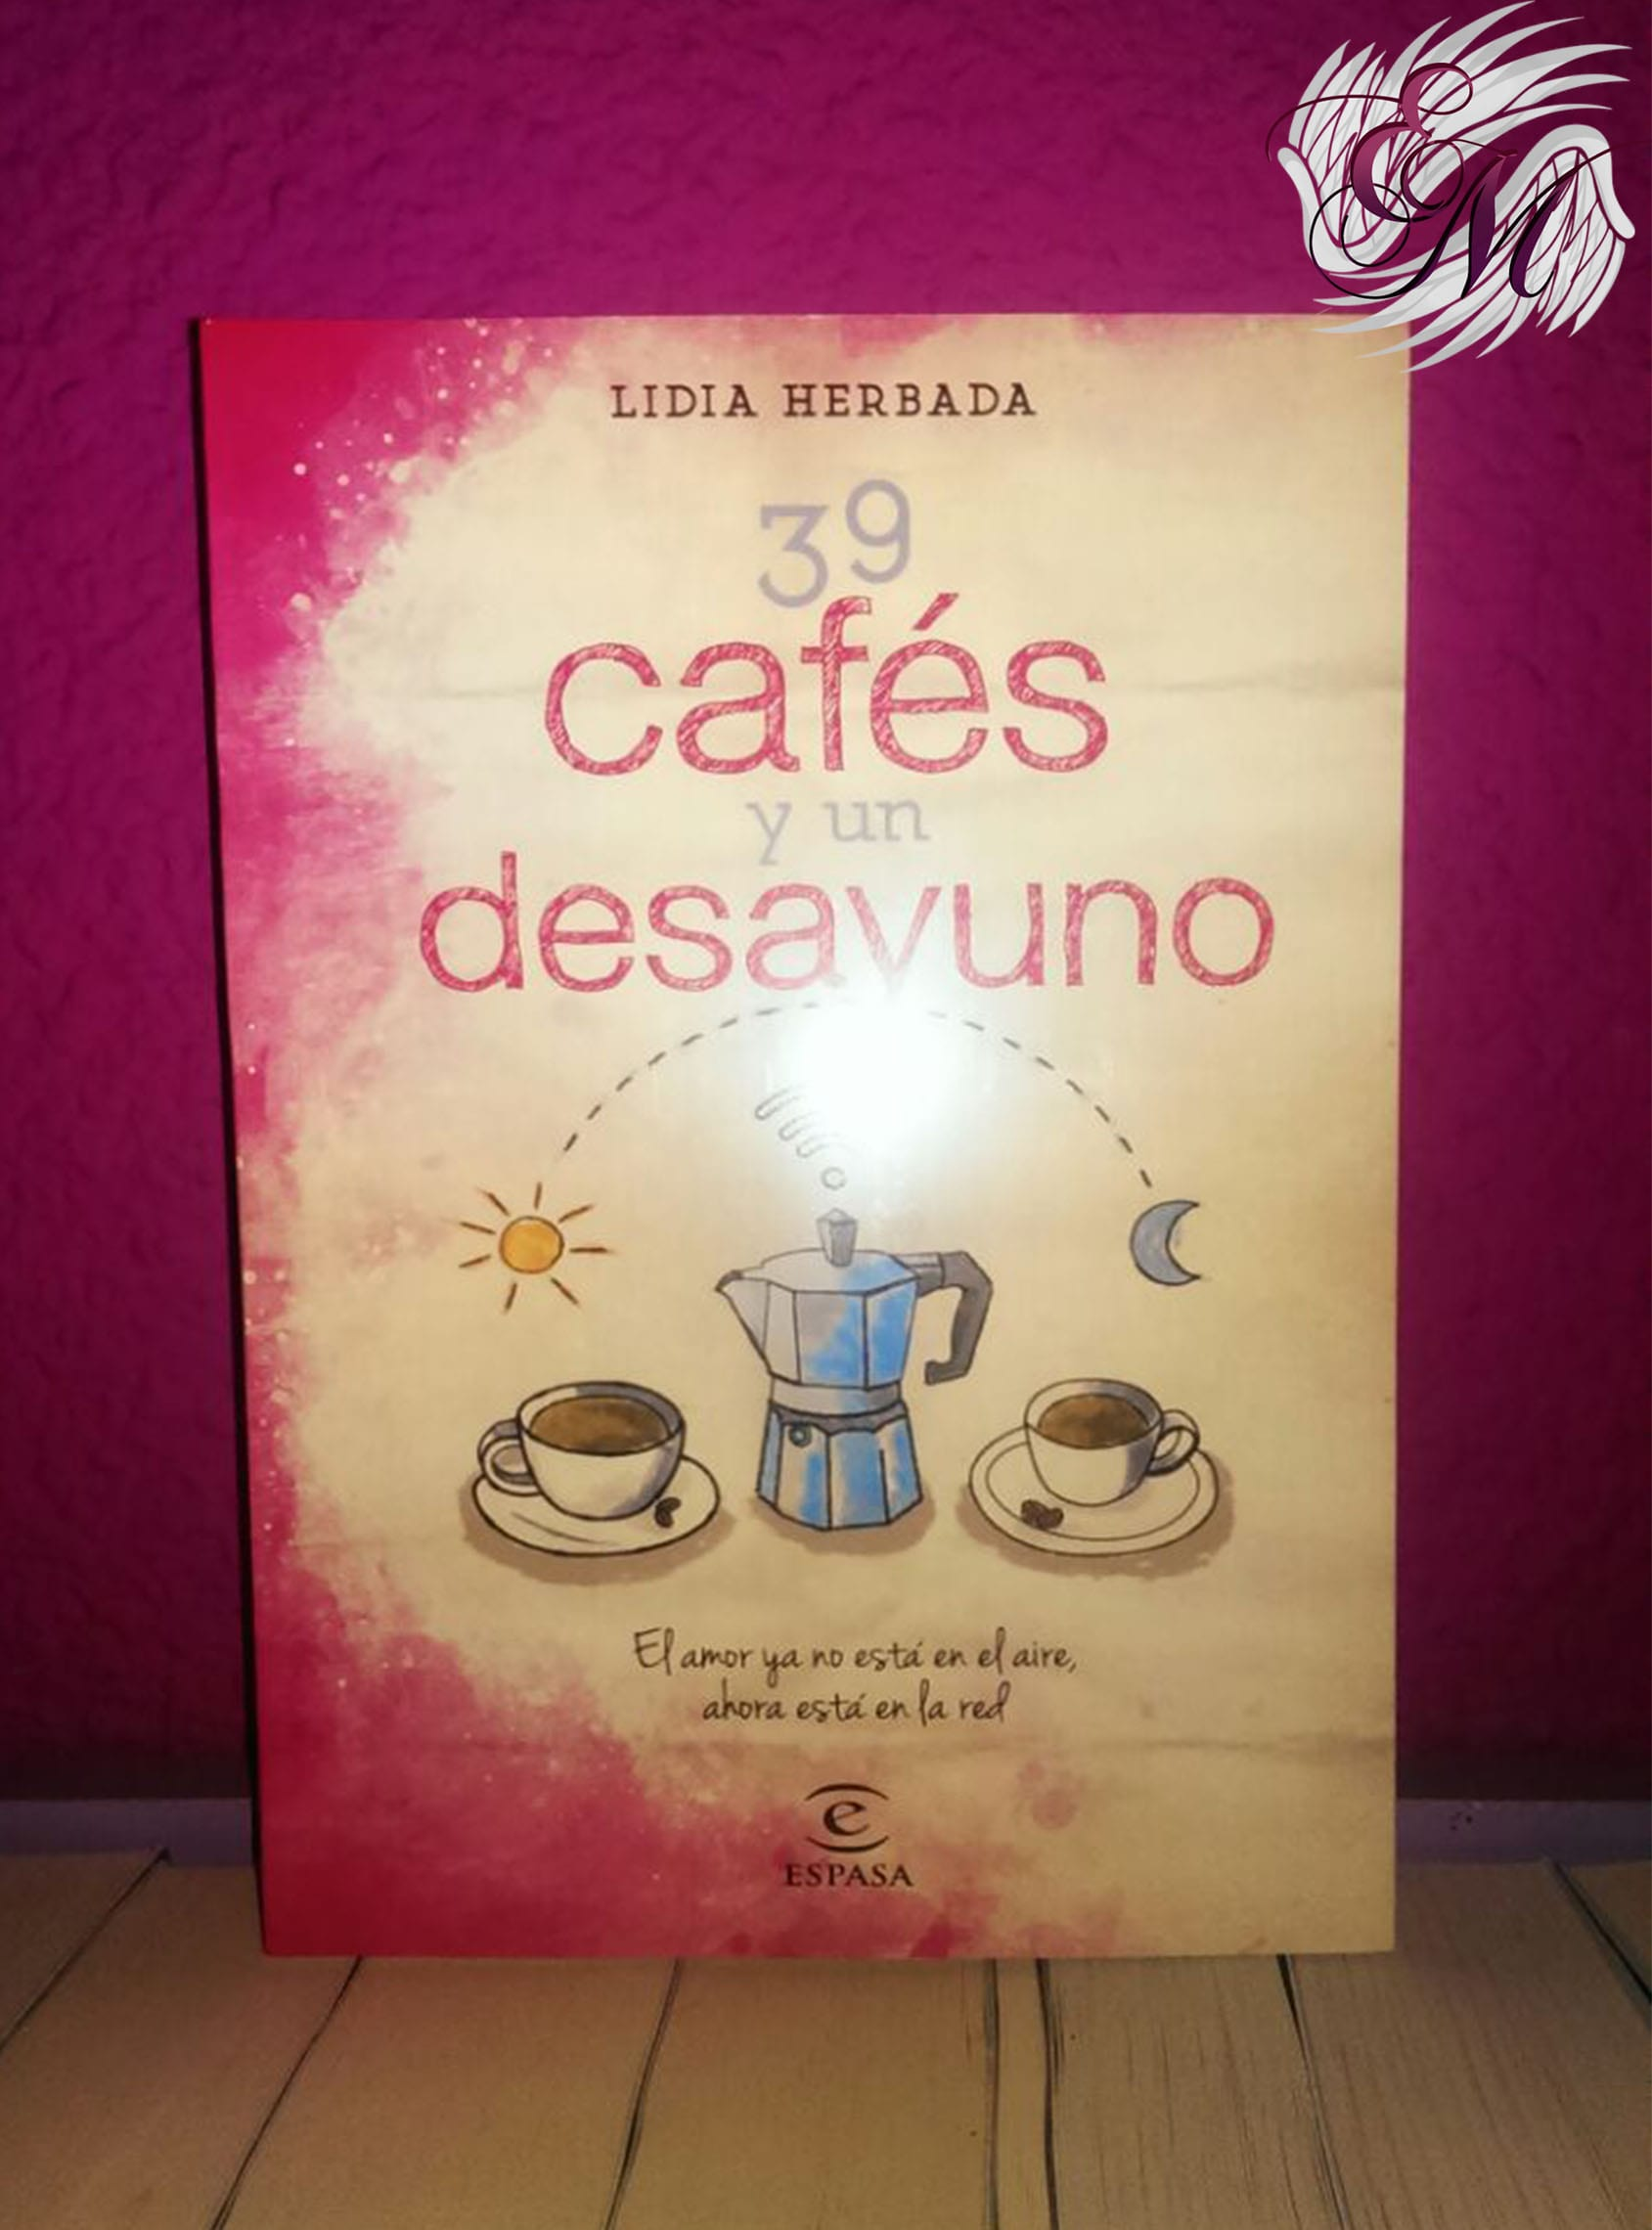 39 cafés y un desayuno, de Lidia Herbada - Reseña